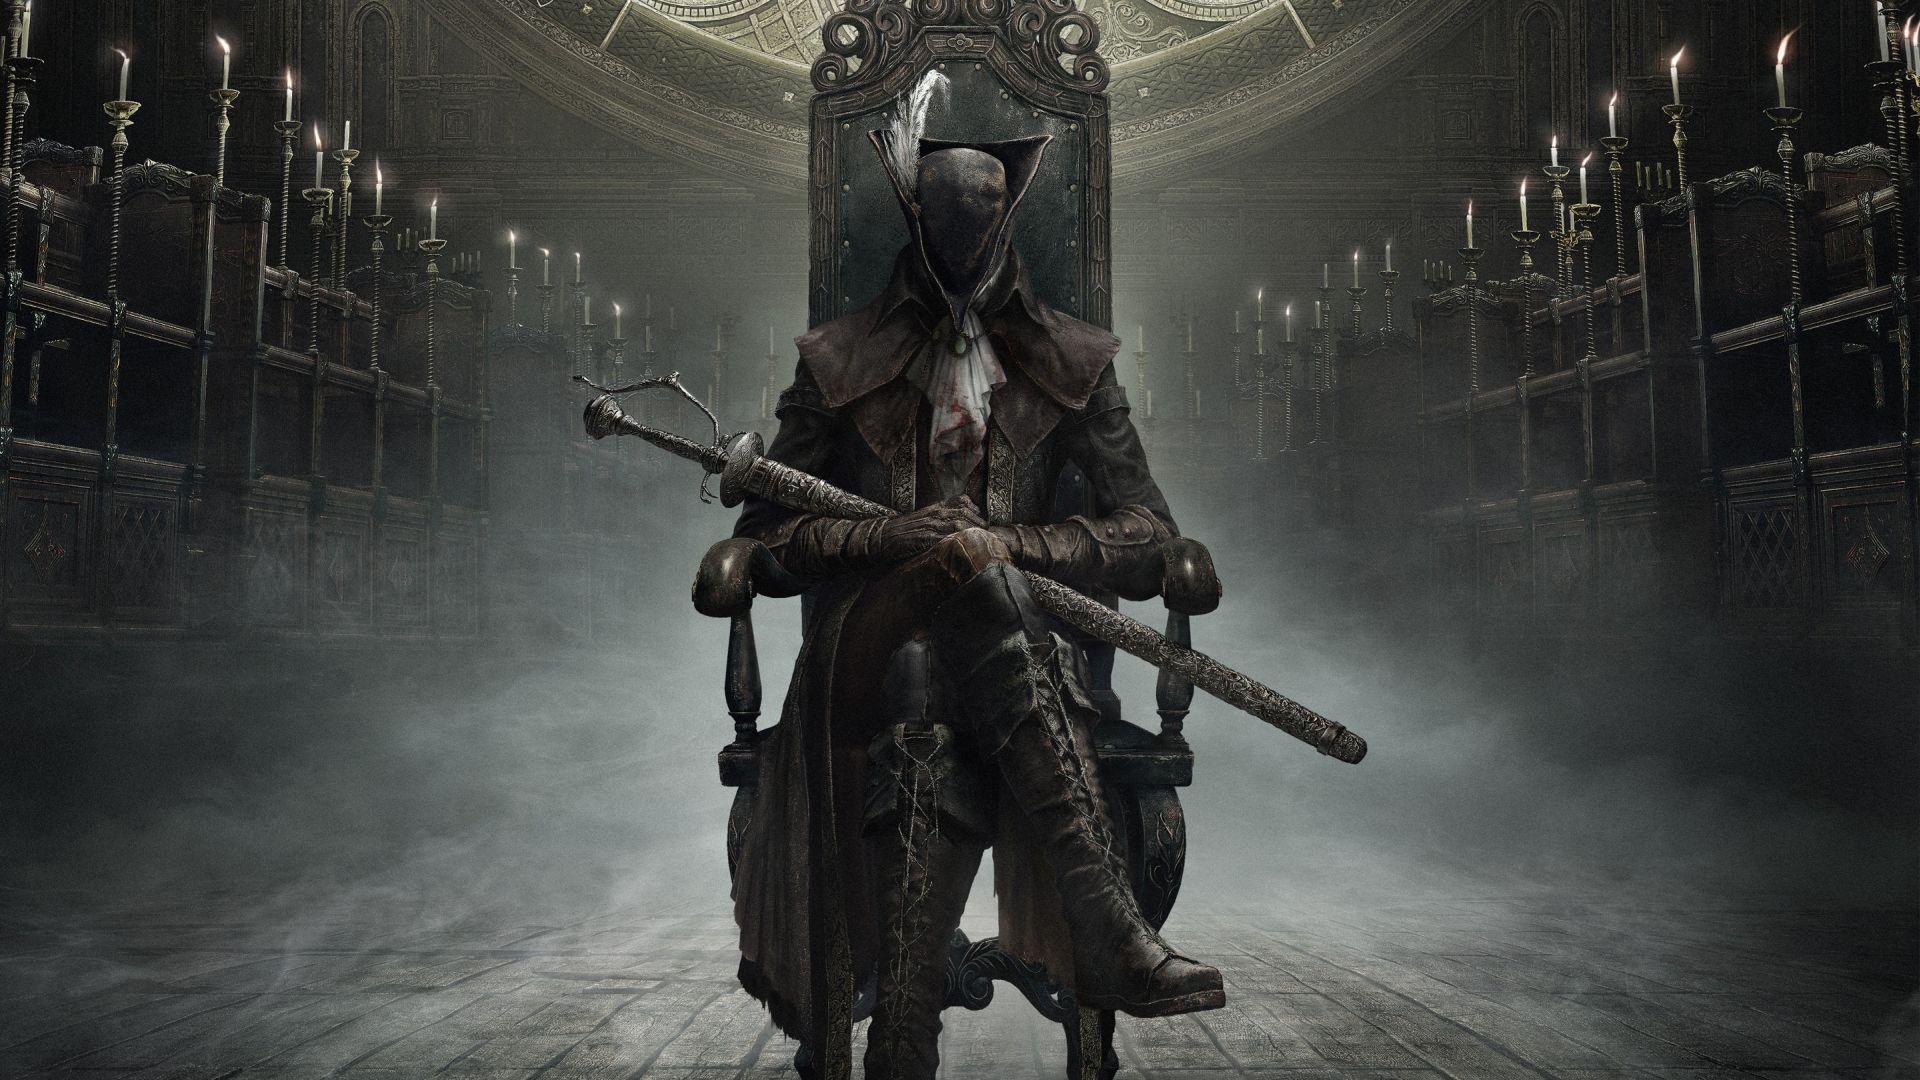 粉丝发布《血源诅咒》60帧补丁 推广由索尼决定